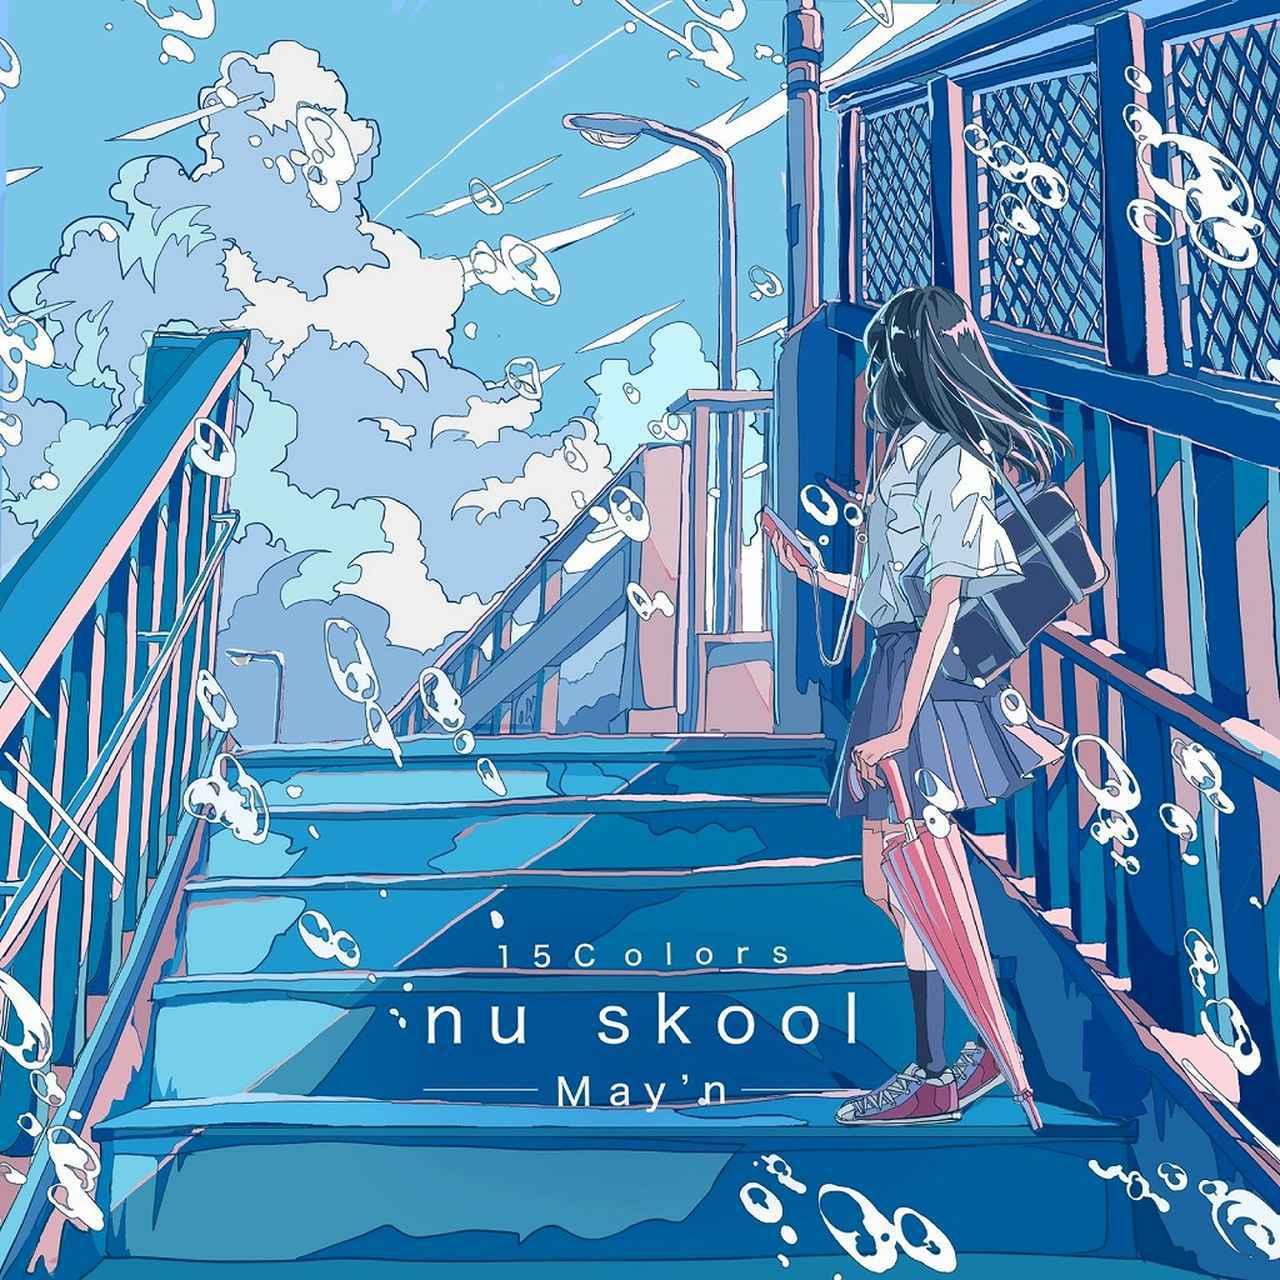 画像: 15Colors -nu skool- / May'n